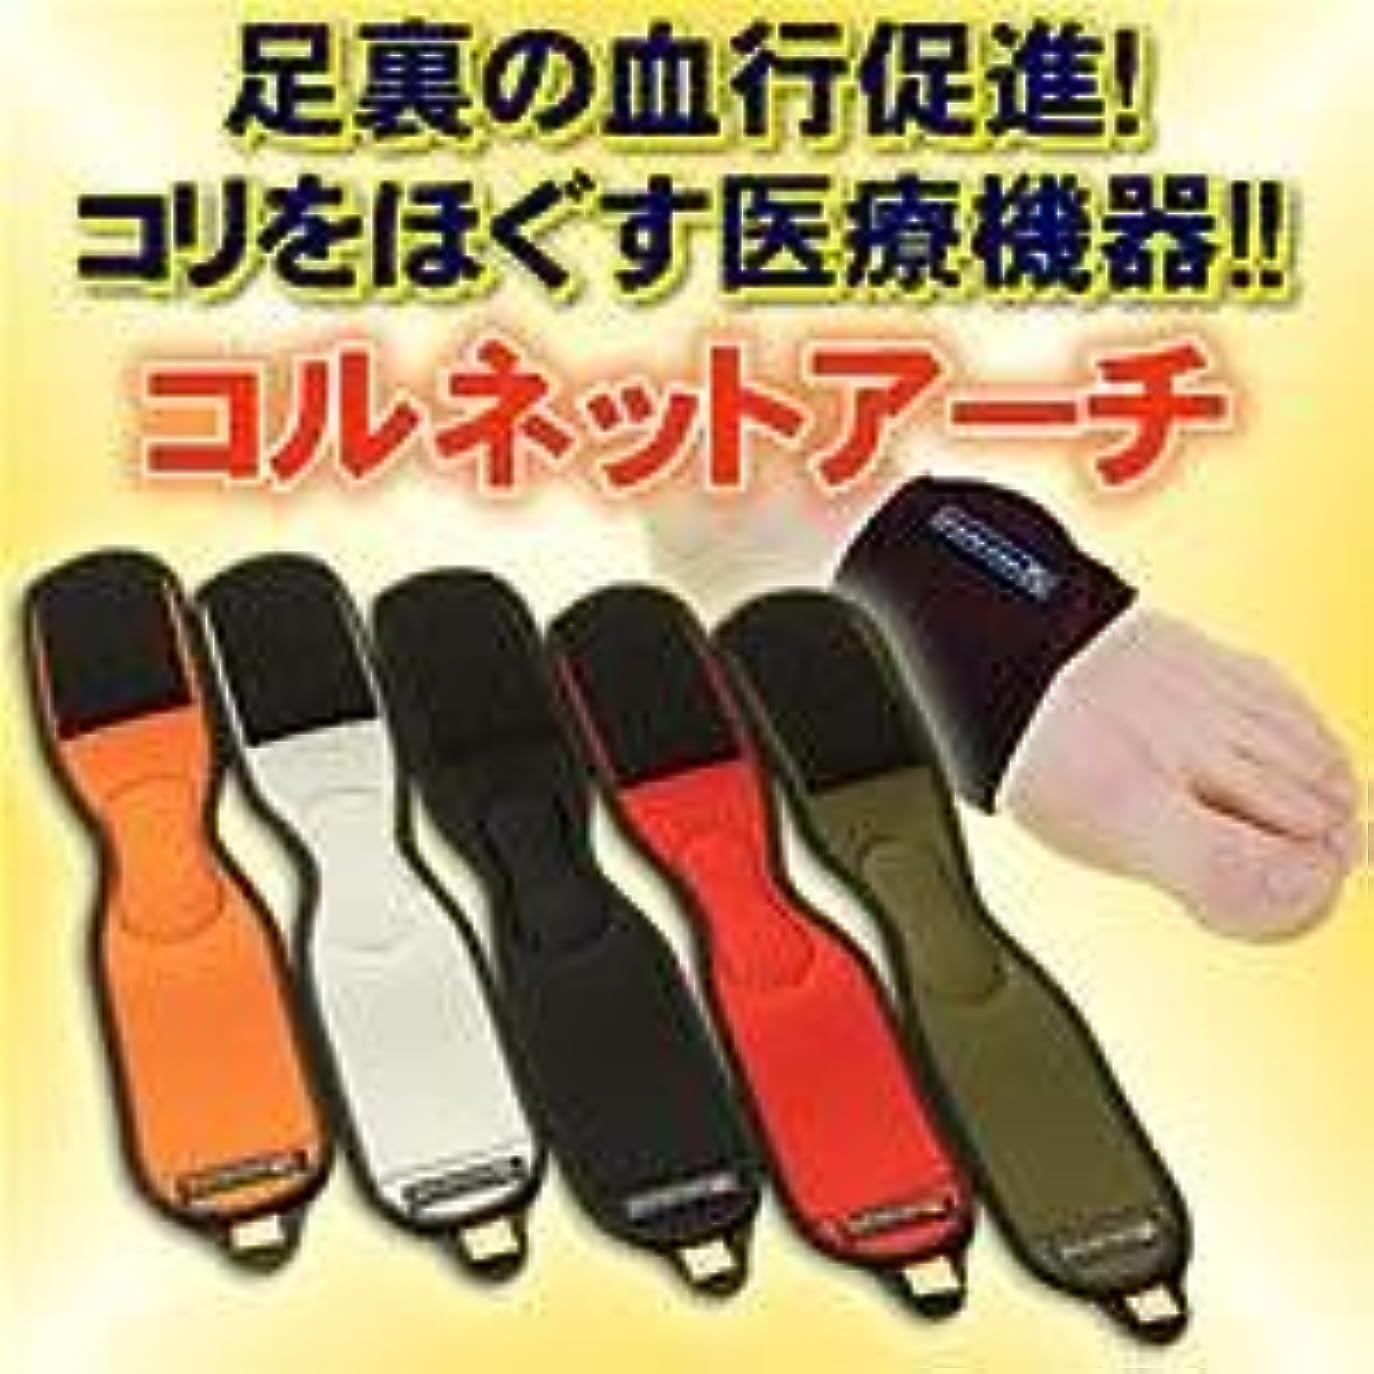 過言東ティモール持続する足裏軽快 コルネットアーチ 2枚組 p-9060 (ブラック&オレンジ)